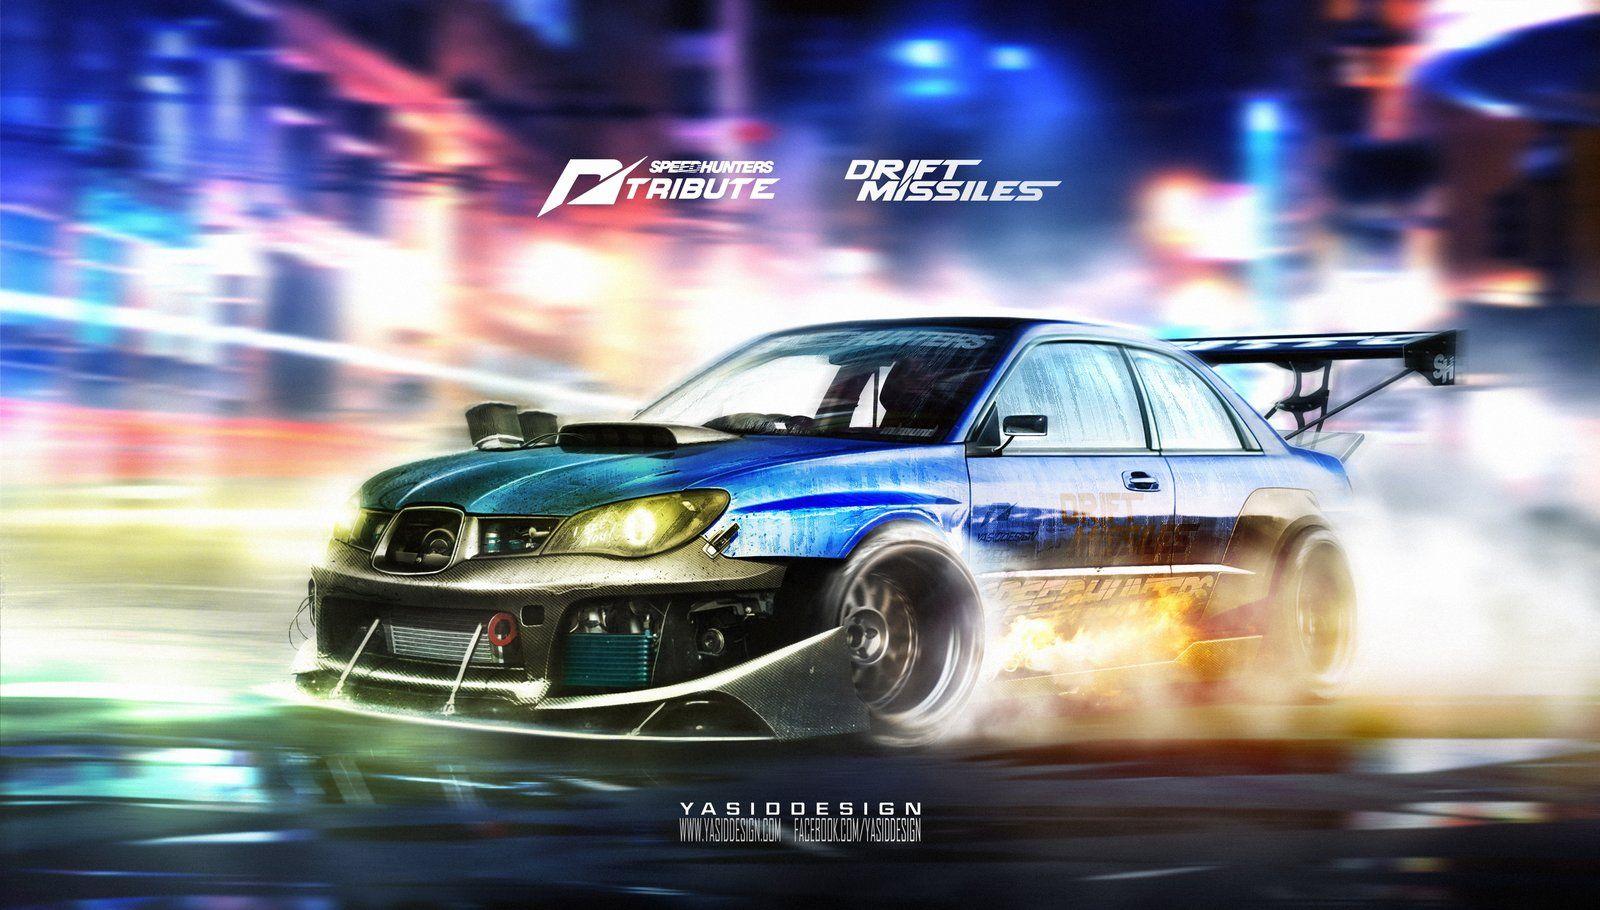 Speedhunters Subaru Impreza Sti Need For Speed Tribute Drift